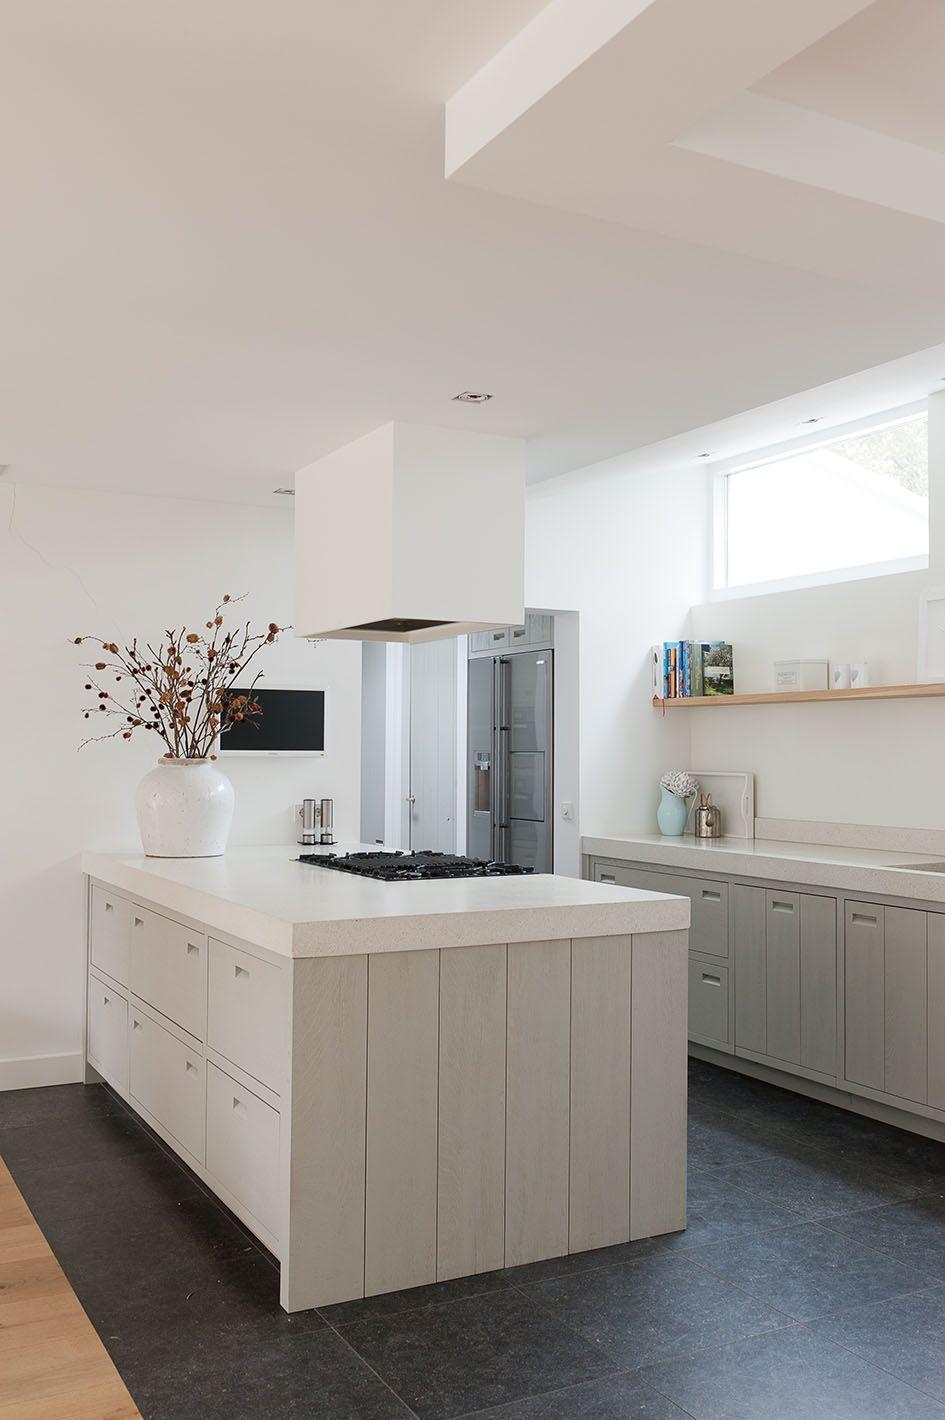 Inspiratie voor de keuken! | Zuhause | Pinterest | Kühlschrank ...